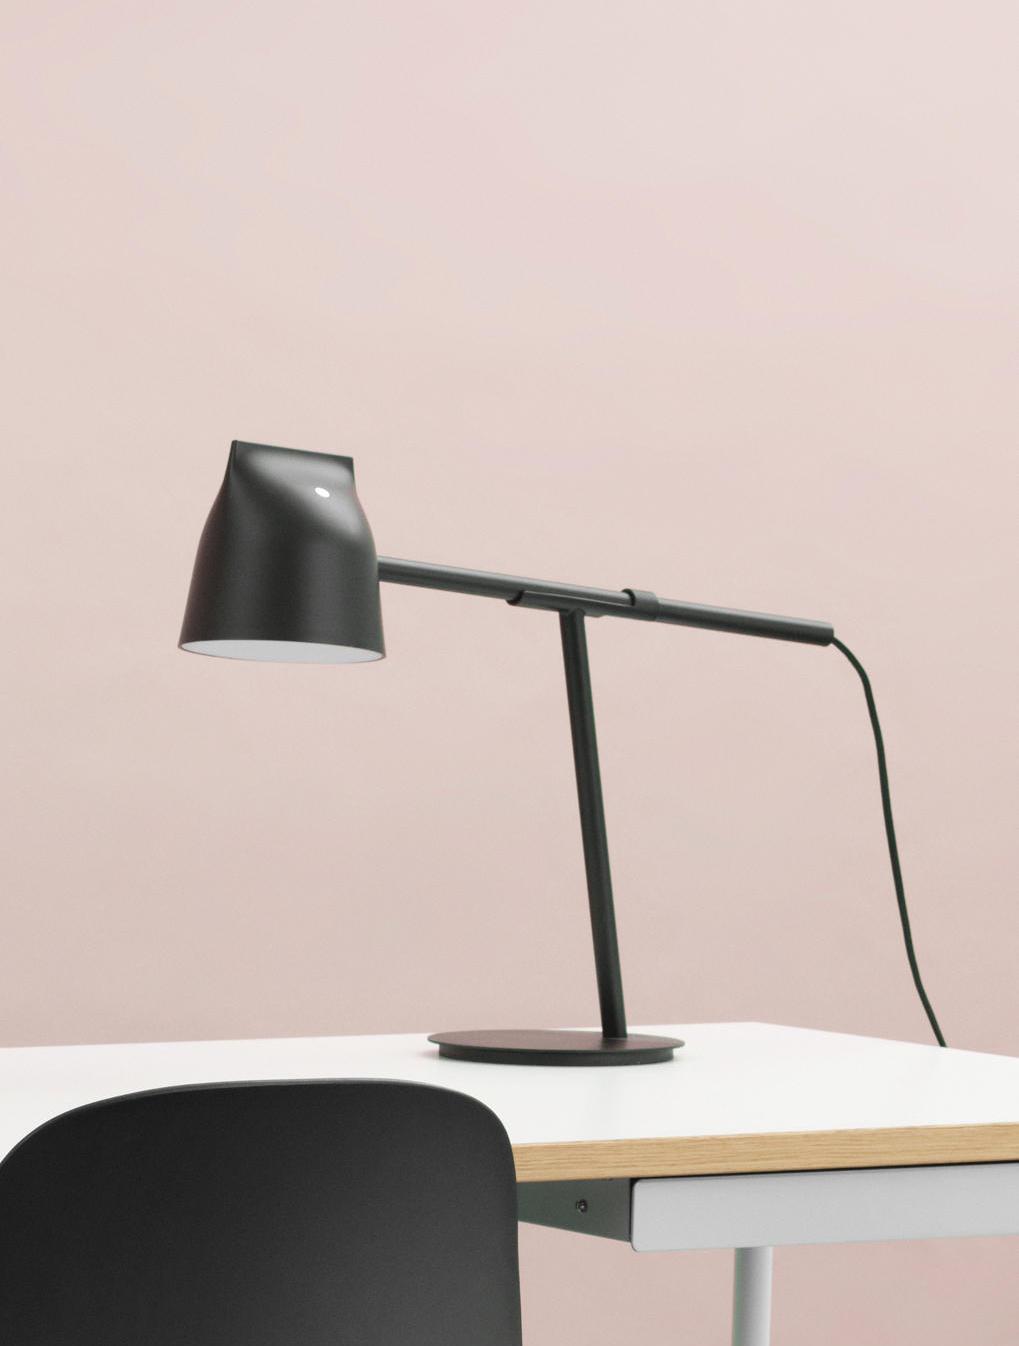 Black Momento lamp on desk